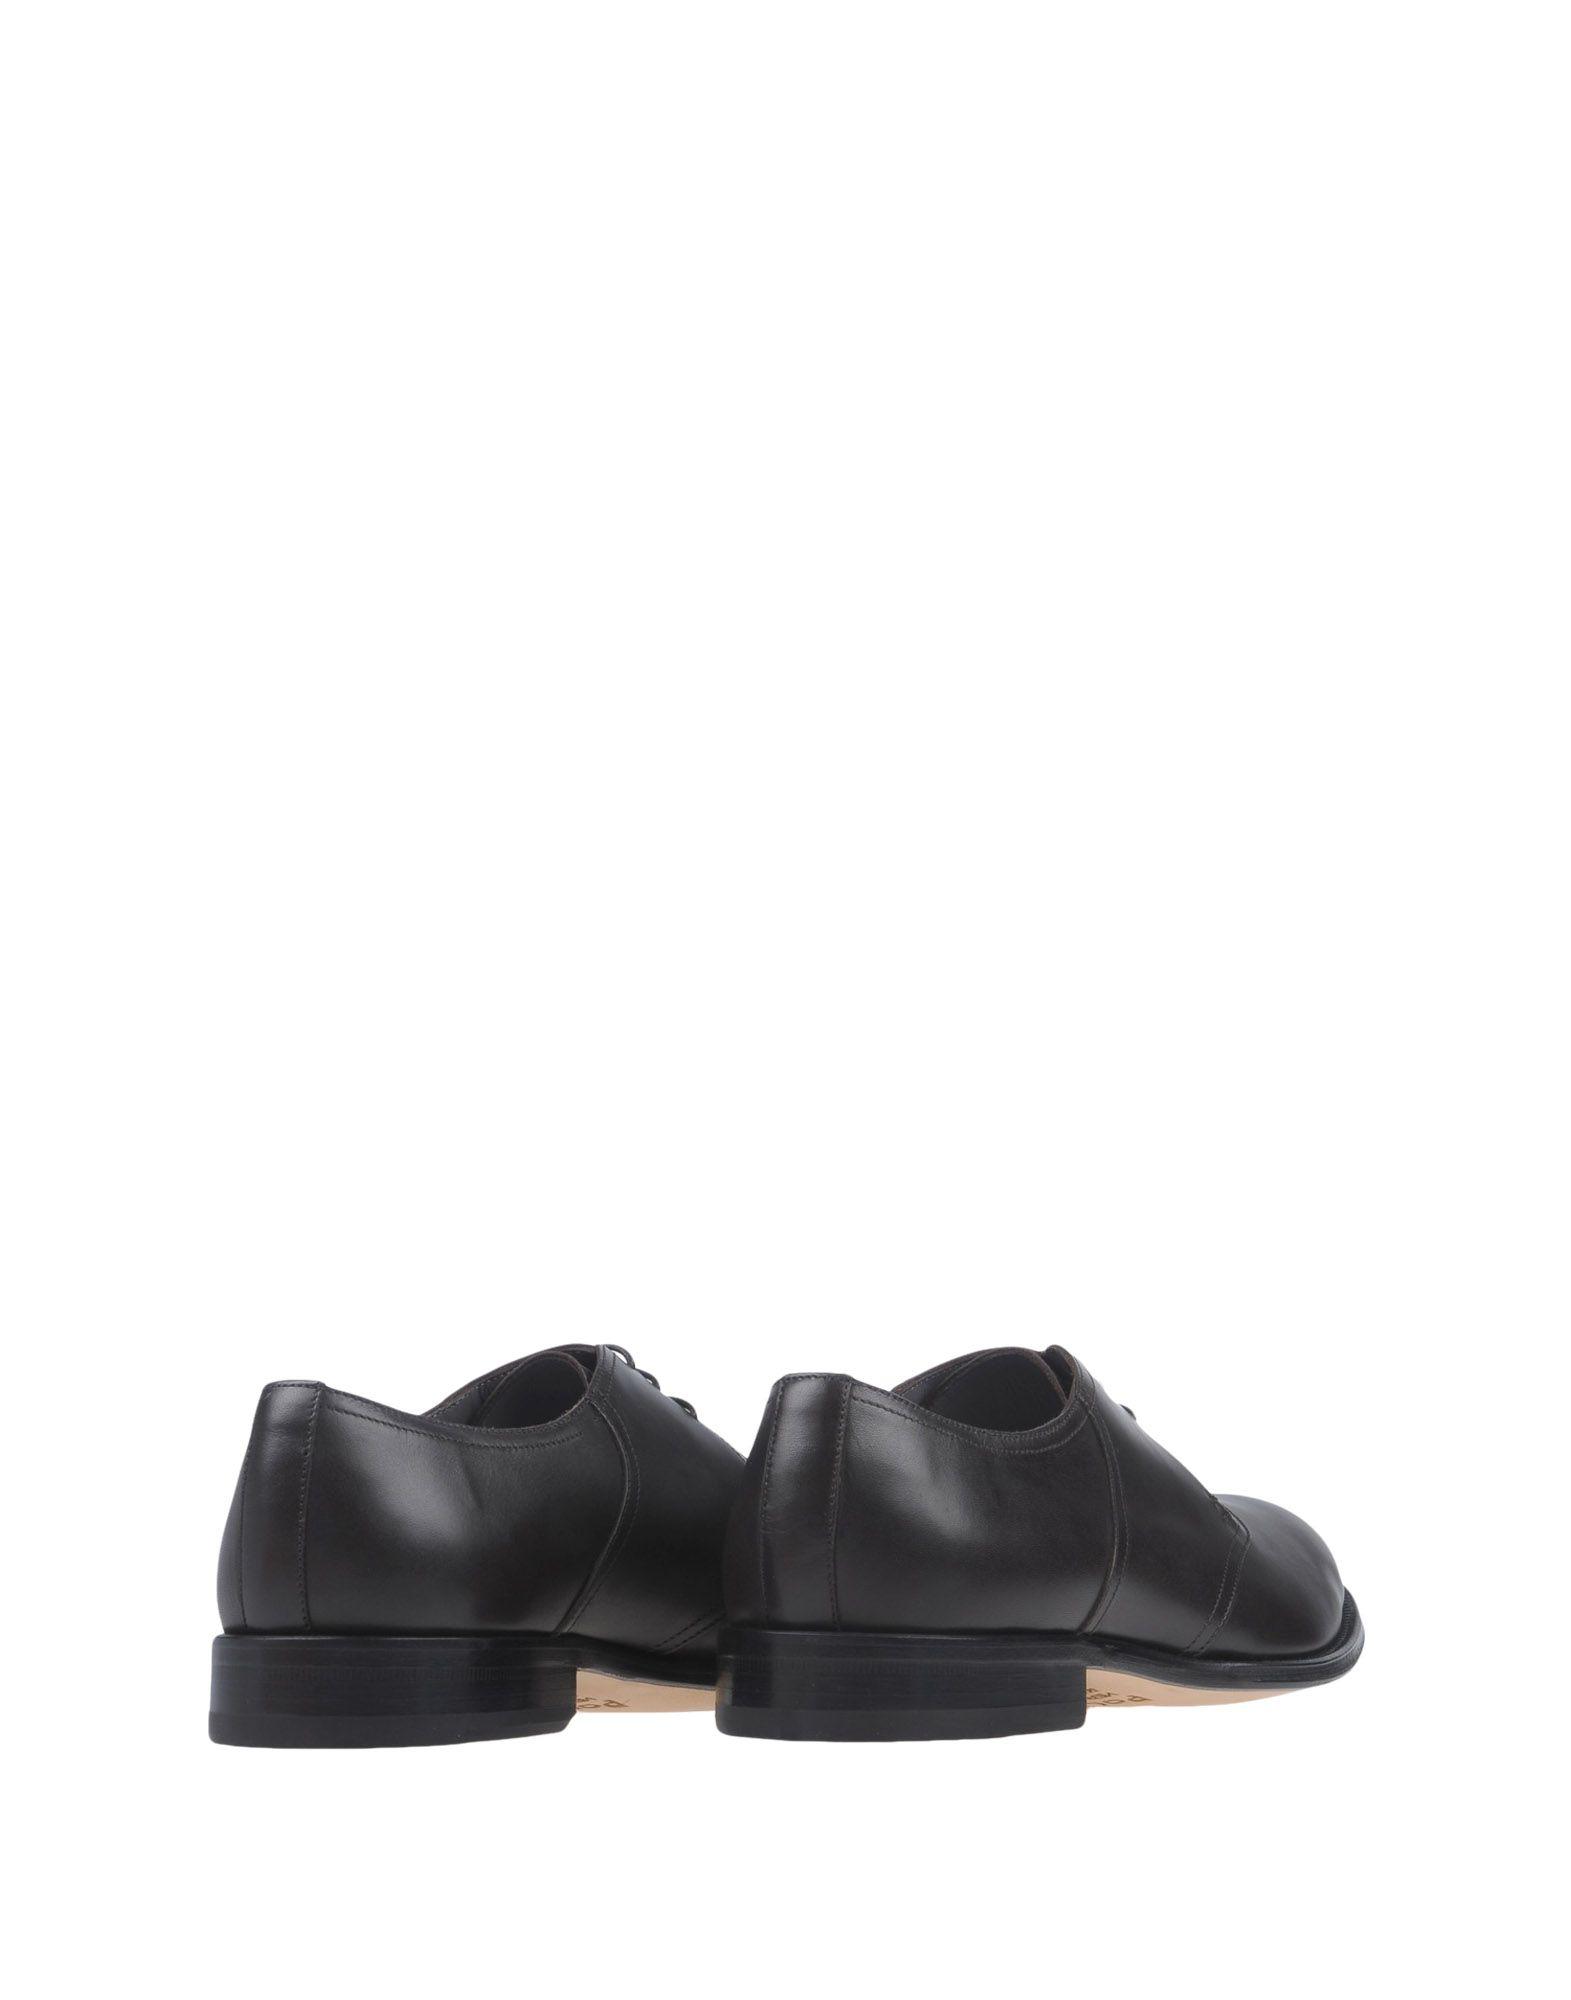 Pollini Schnürschuhe Qualität Herren  11331342UJ Gute Qualität Schnürschuhe beliebte Schuhe 0f31c9